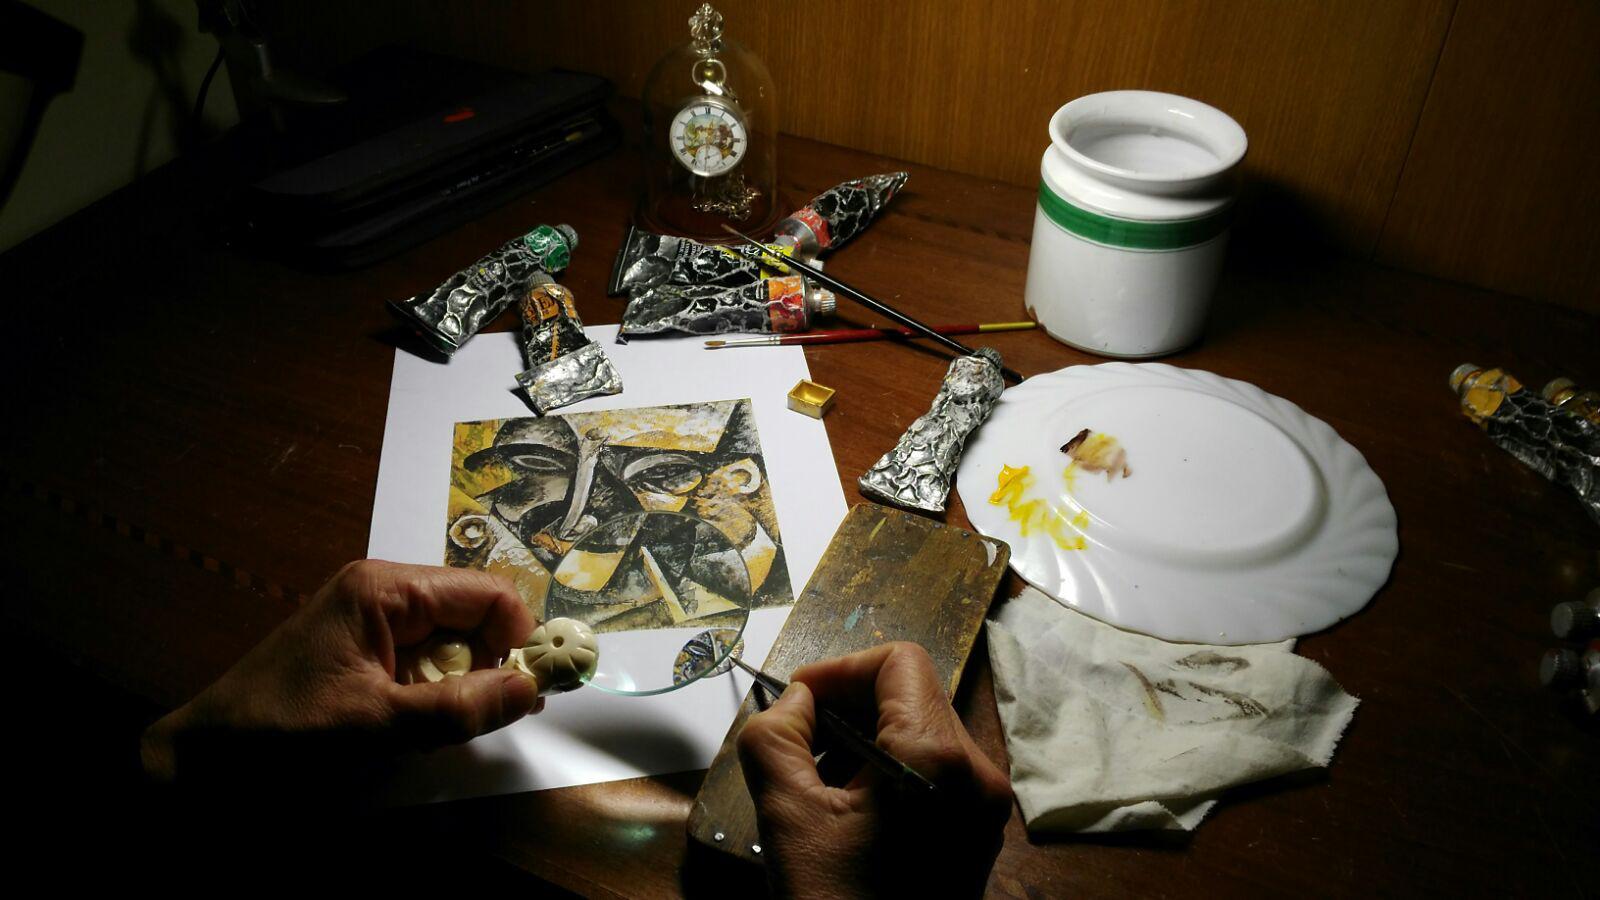 Orologio Novecento (Umberto Boccioni) fatto a mano